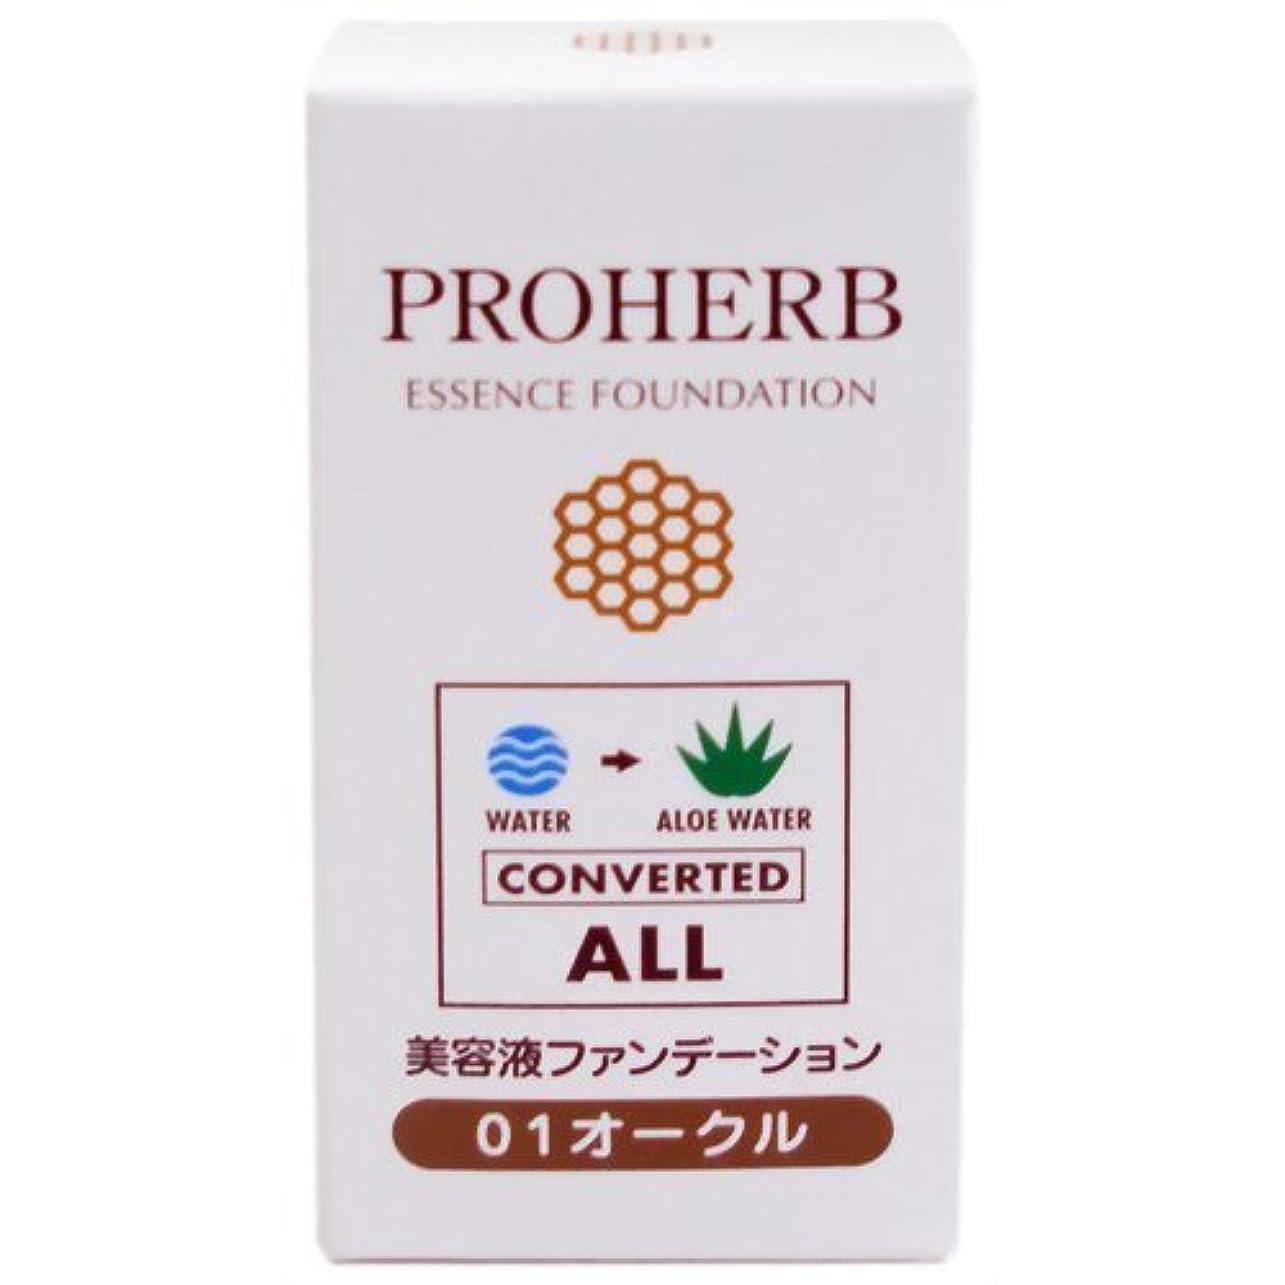 やさしい欠陥一過性岐阜アグリフーズ プロハーブEMシリーズ 美容液ファンデーション 01 オークル 30ml